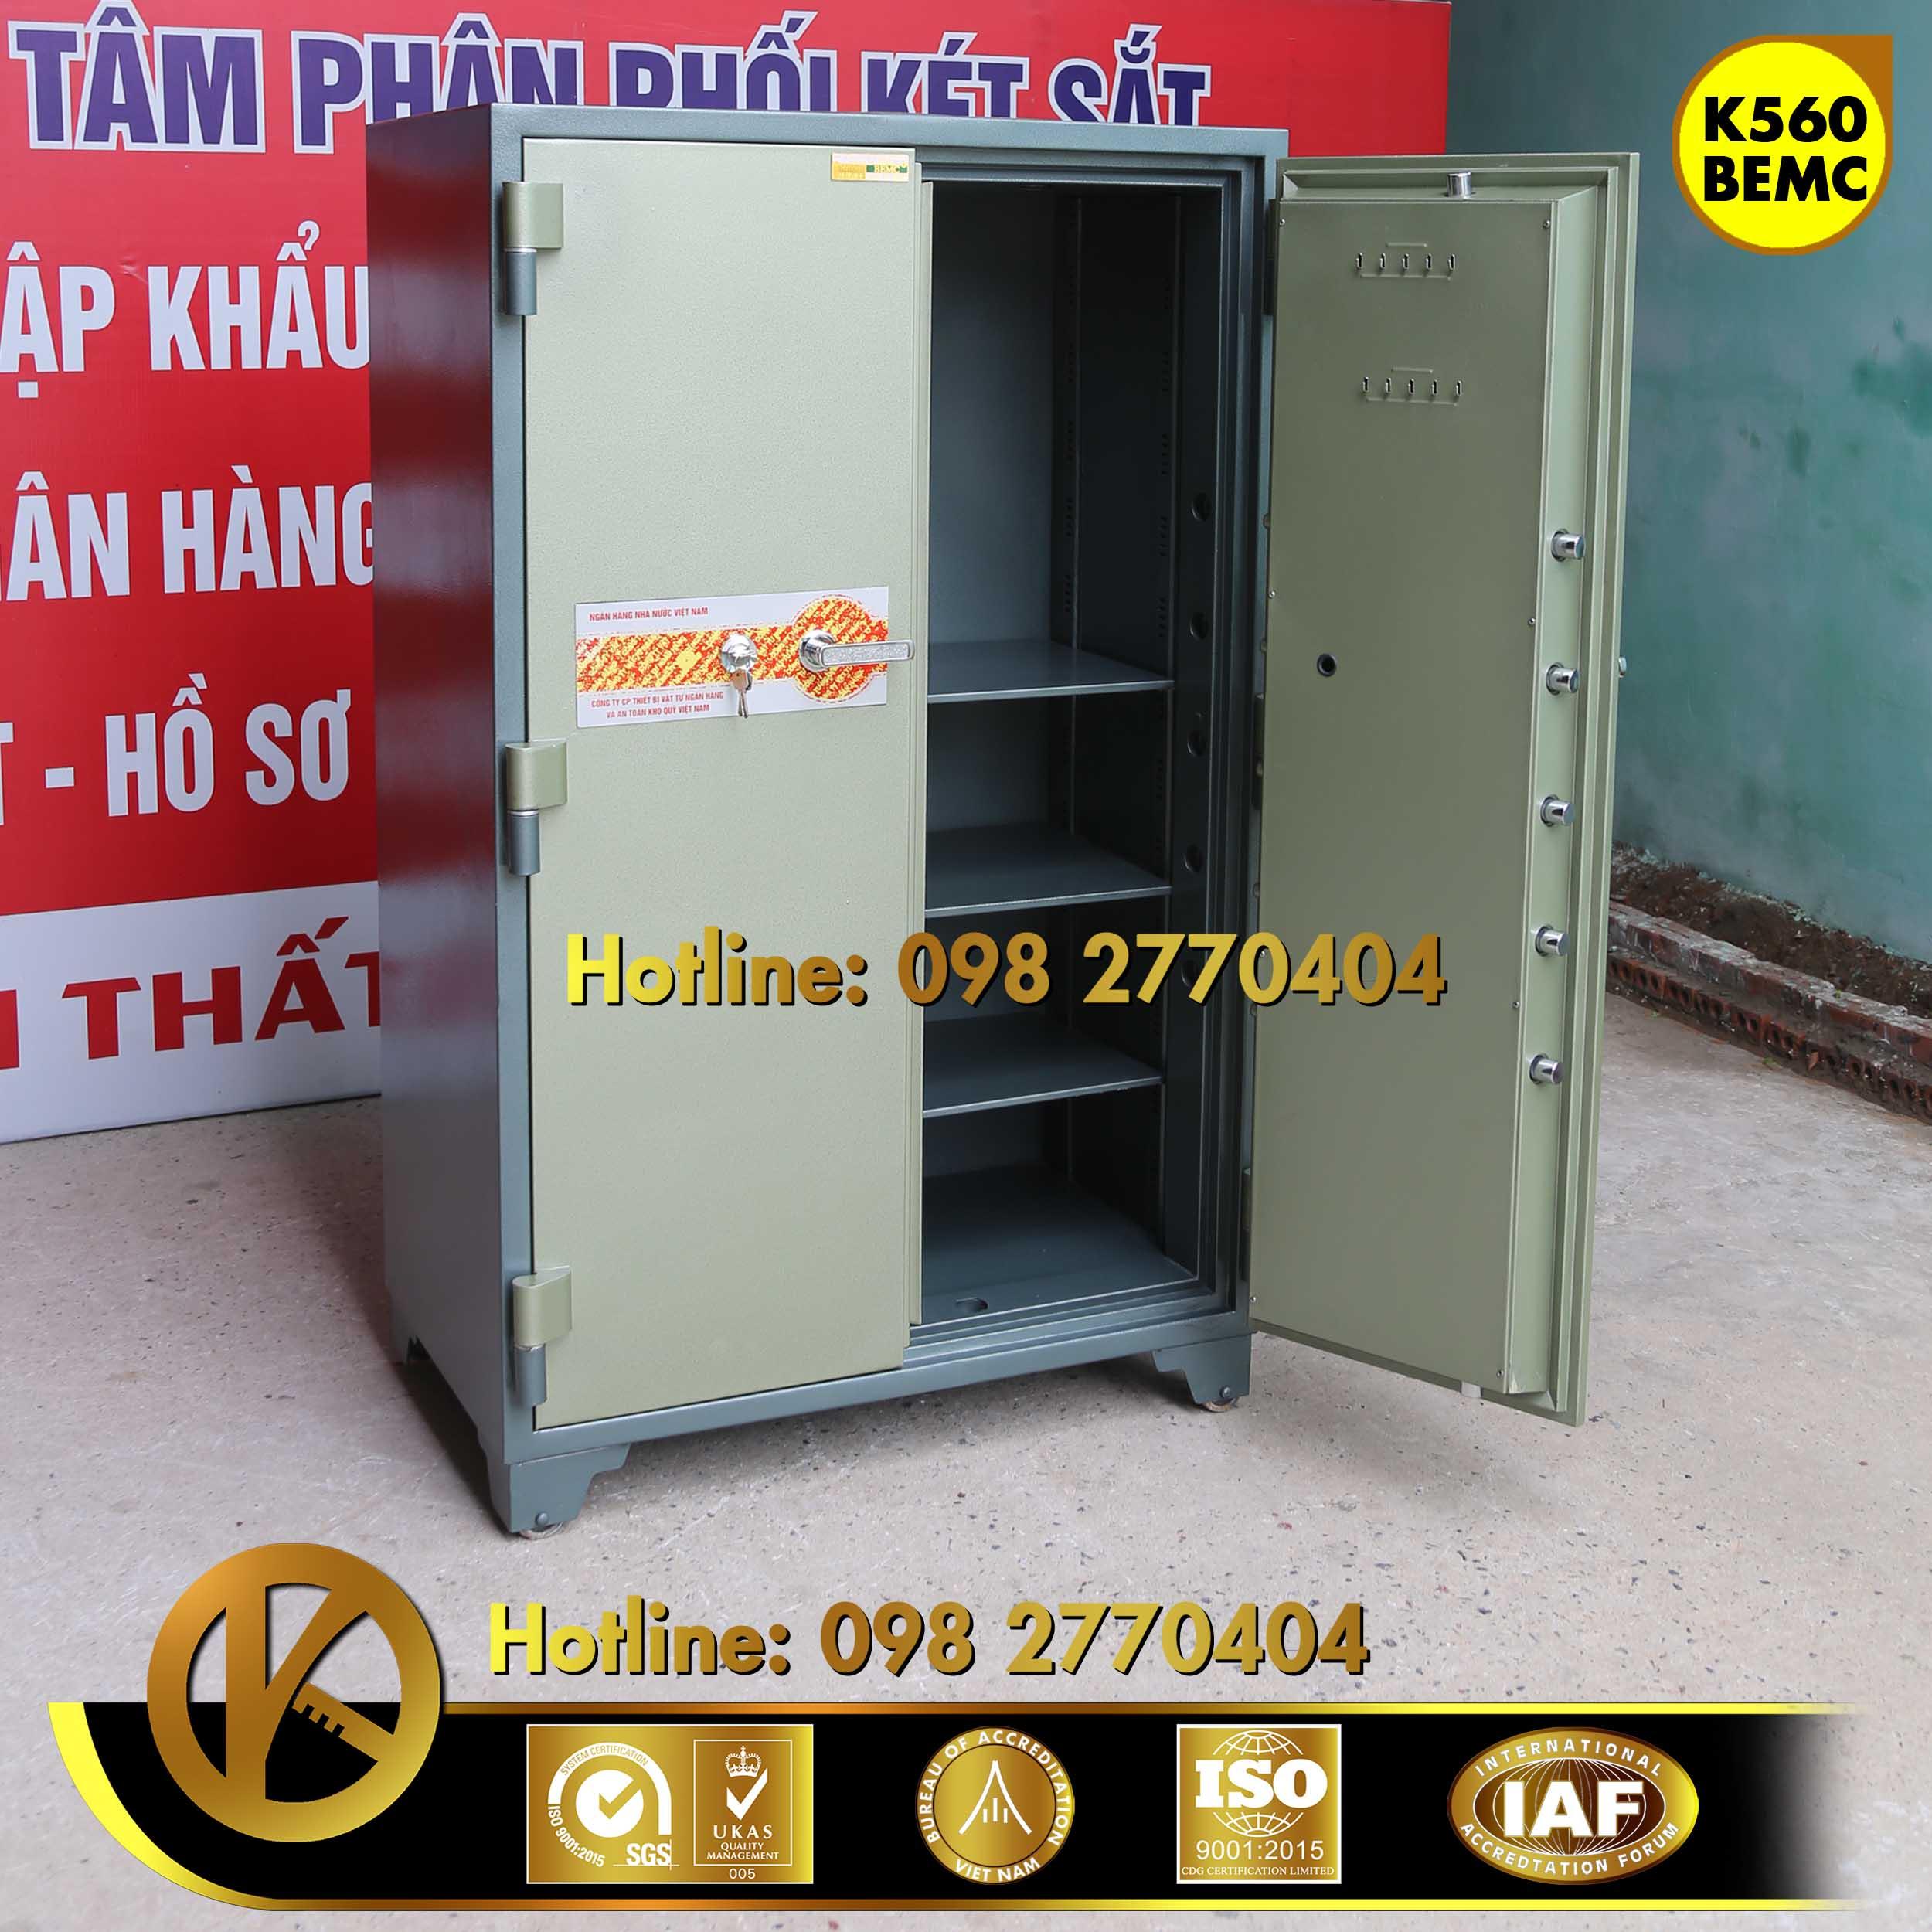 Két Sắt Ngân Hàng BEMC K560 Khoá Điện Tử